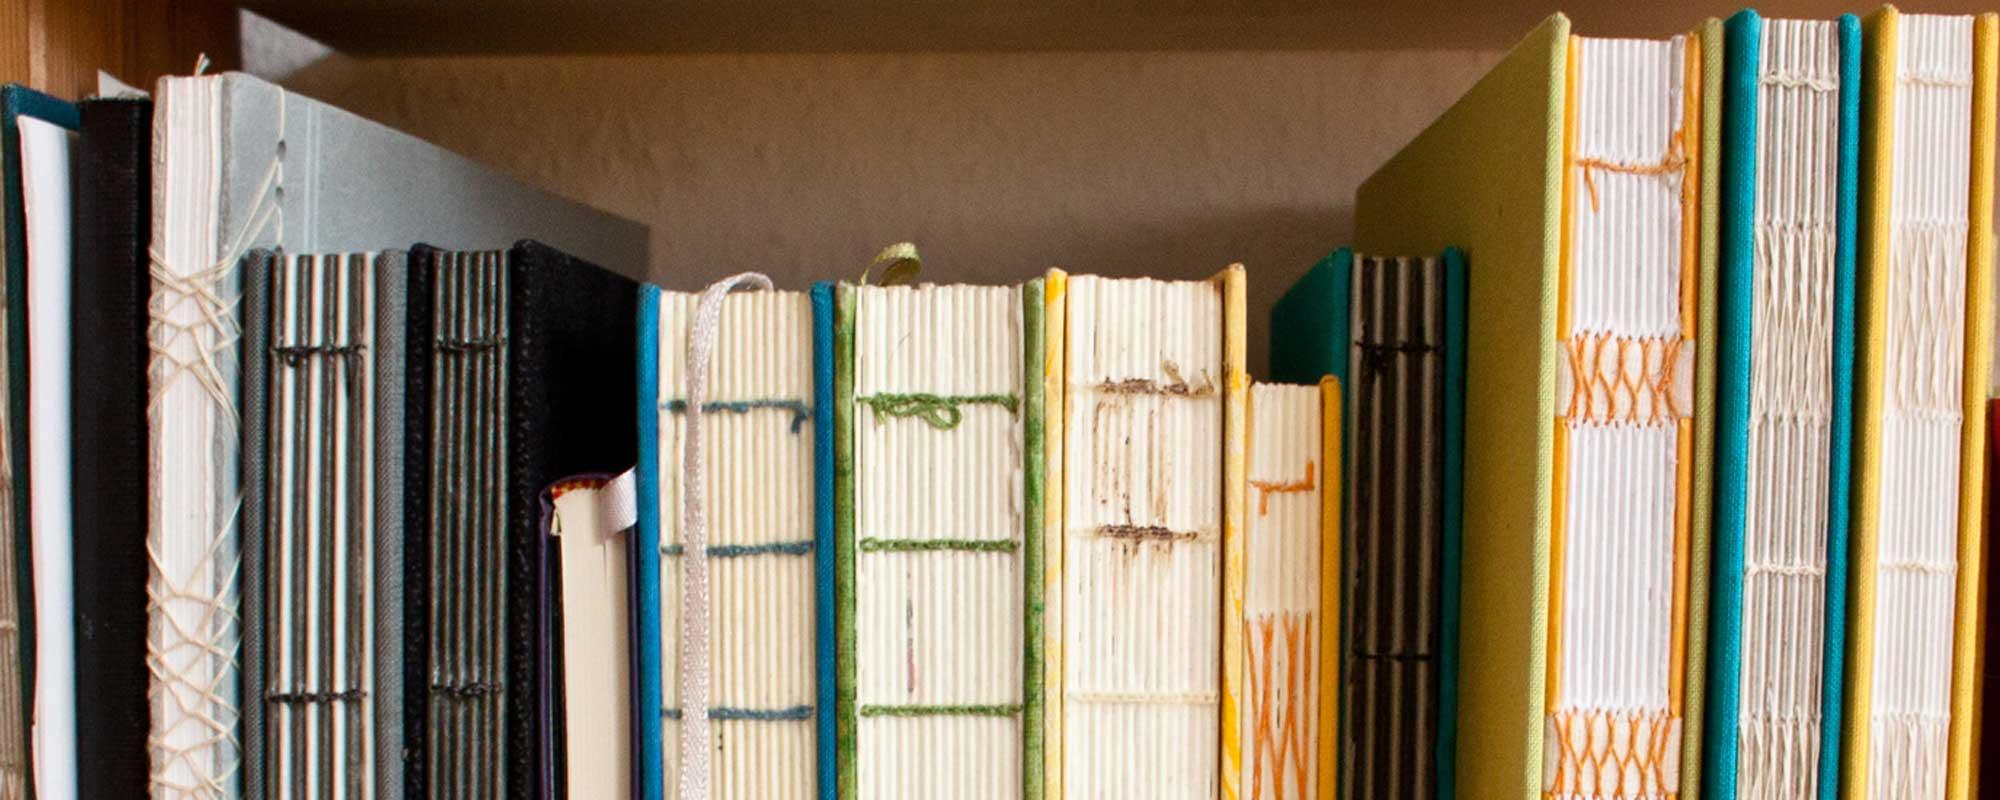 mehrere selbst gebundene Bücher